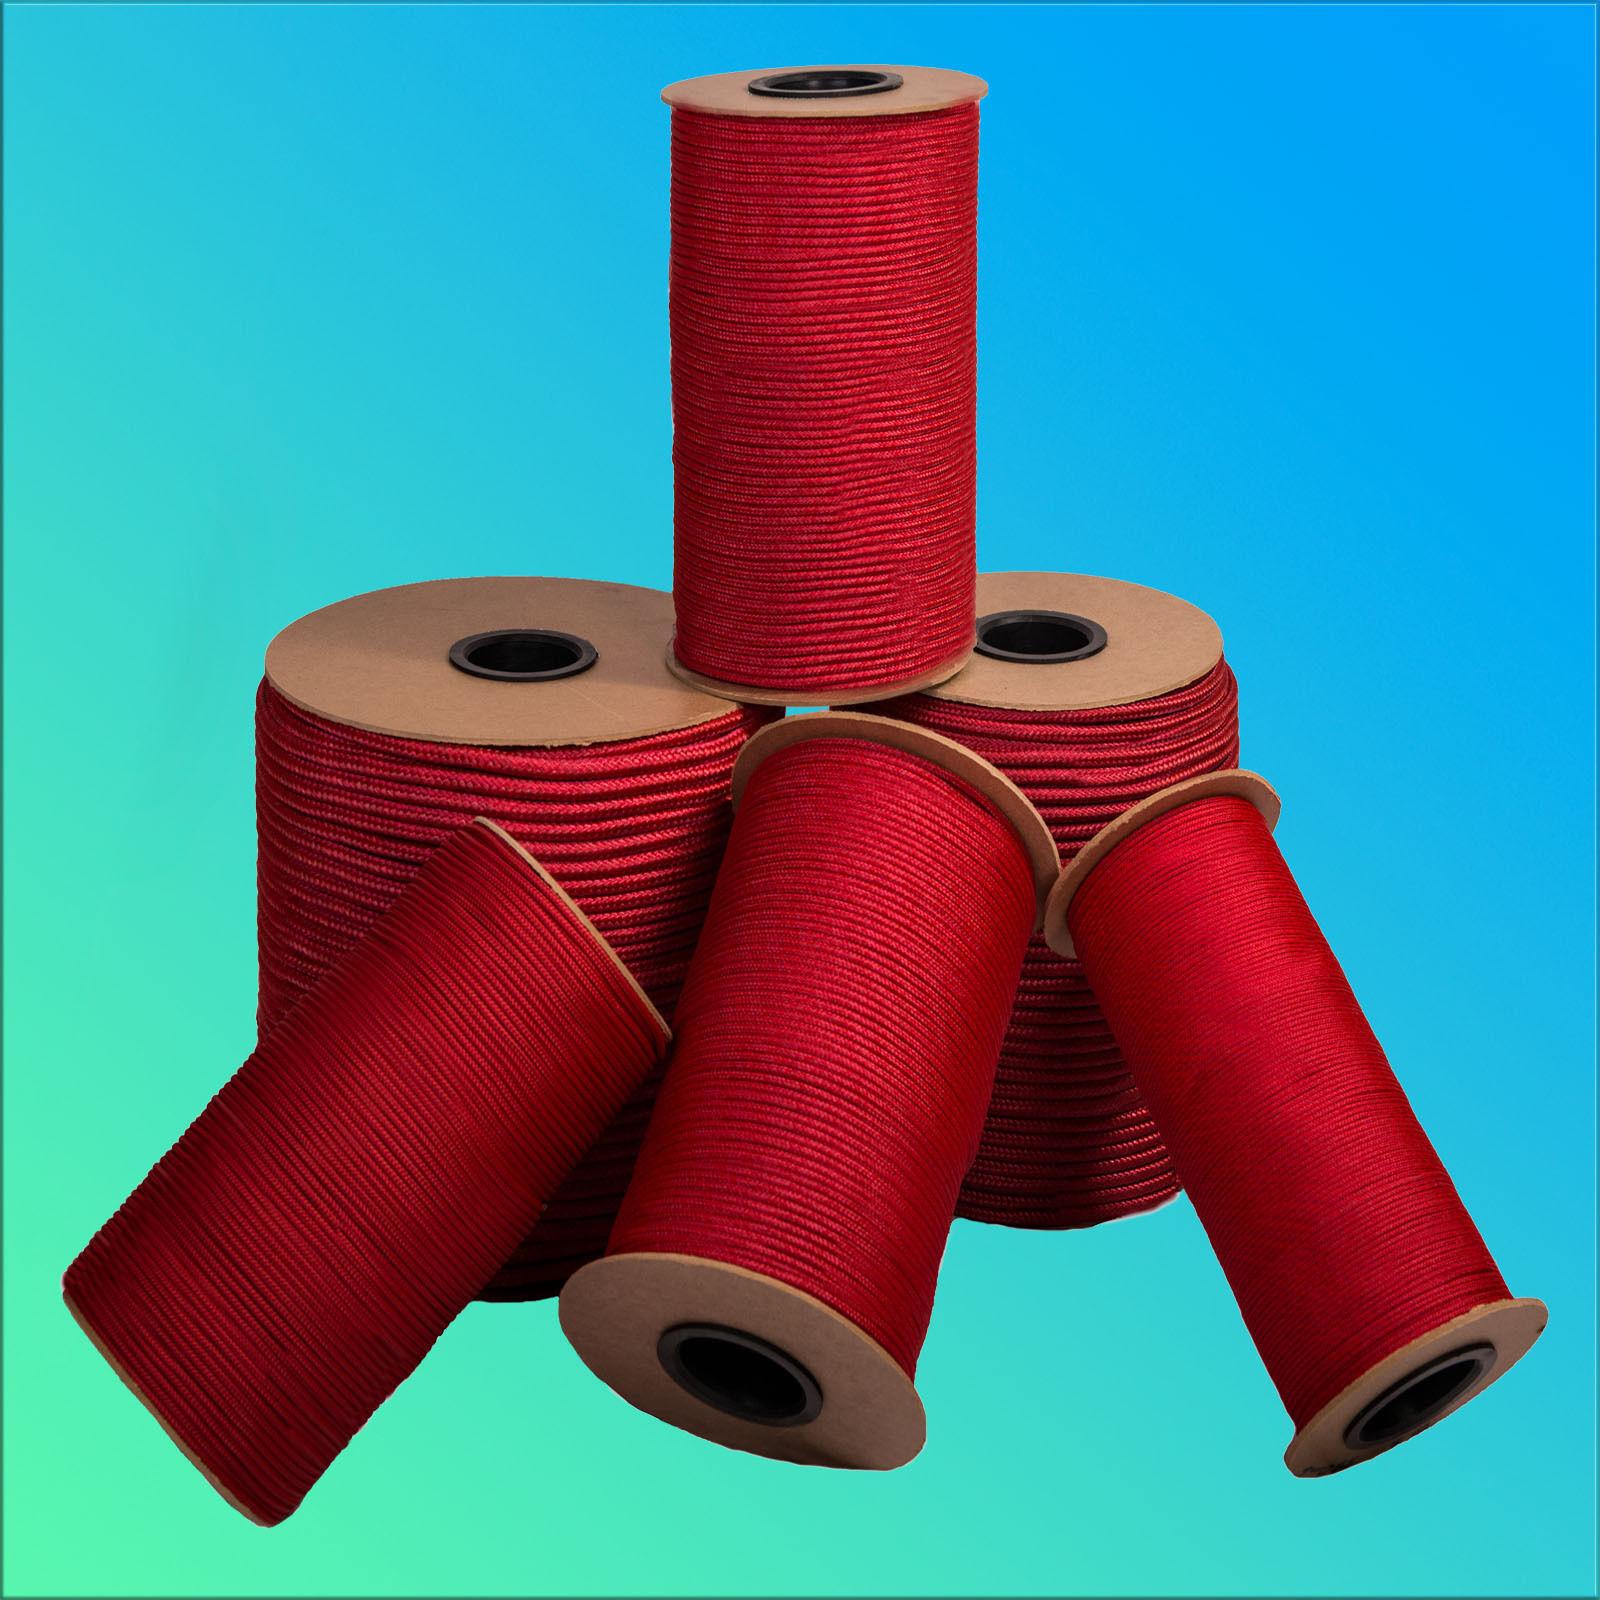 12mm 1- /m  Seil Seil Seil geflochten ROT Schnur Kunststoff Leine Reepschnur Tau ce504e